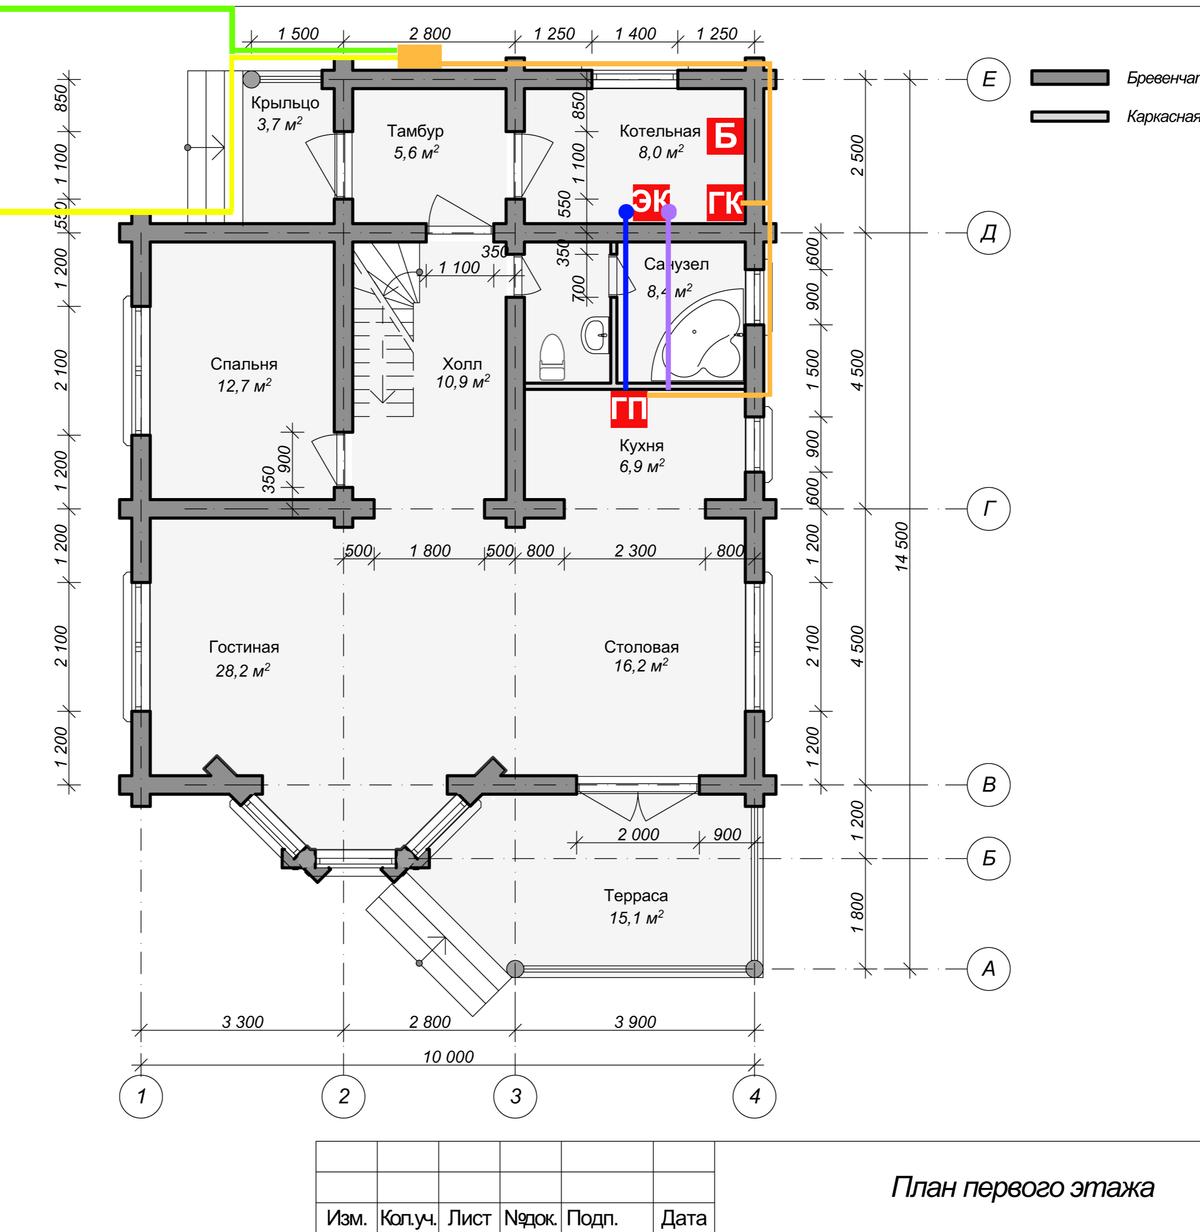 Я взял проект дома и условно обозначил на нем расположение бойлера, котлов — газового и электрического, — газовой плиты и два варианта подведения газопровода